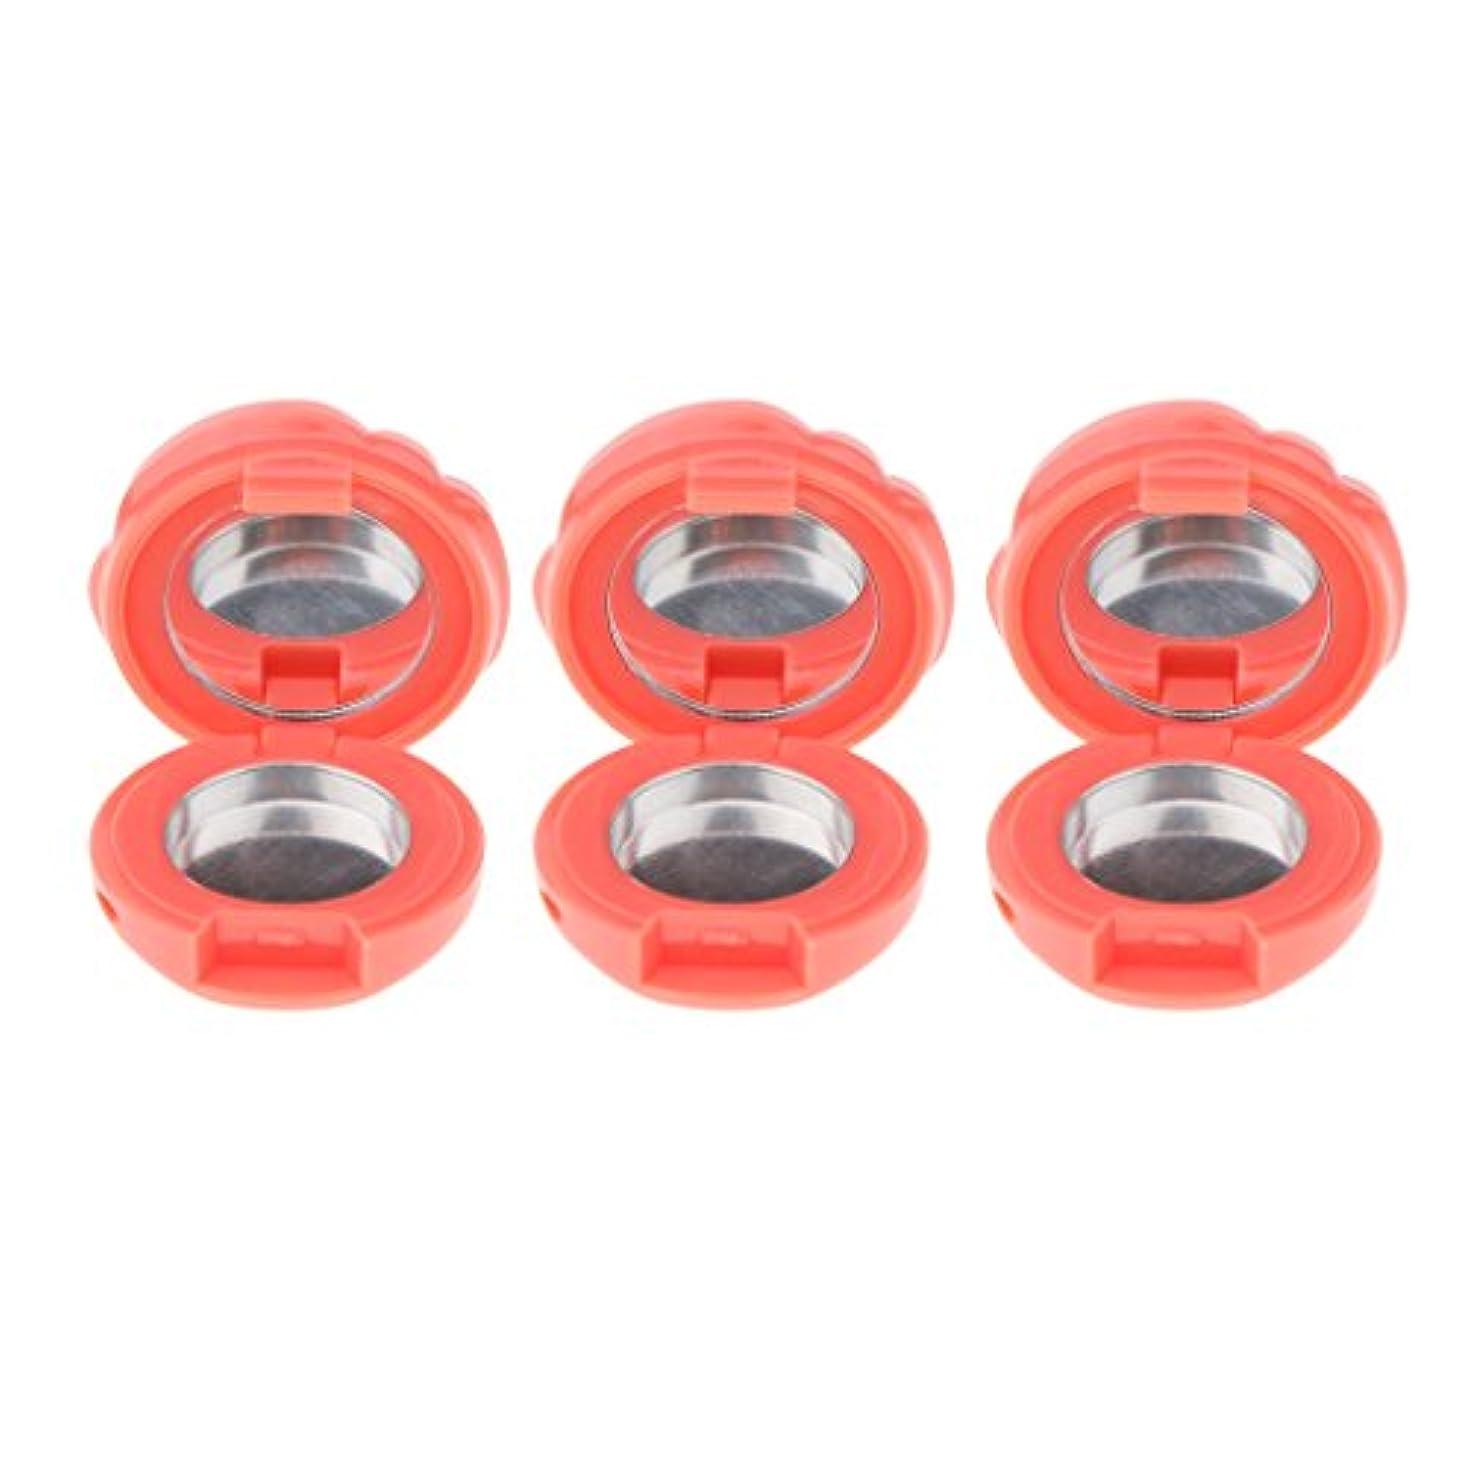 カエル歯痛フェミニンPerfeclan 3個入 空ケース コスメ 詰替え 小分け容器 メイクパレット パウダー アイシャドー ブラッシュ リップグロス DIYケース 全6色 - グレープフルーツ色